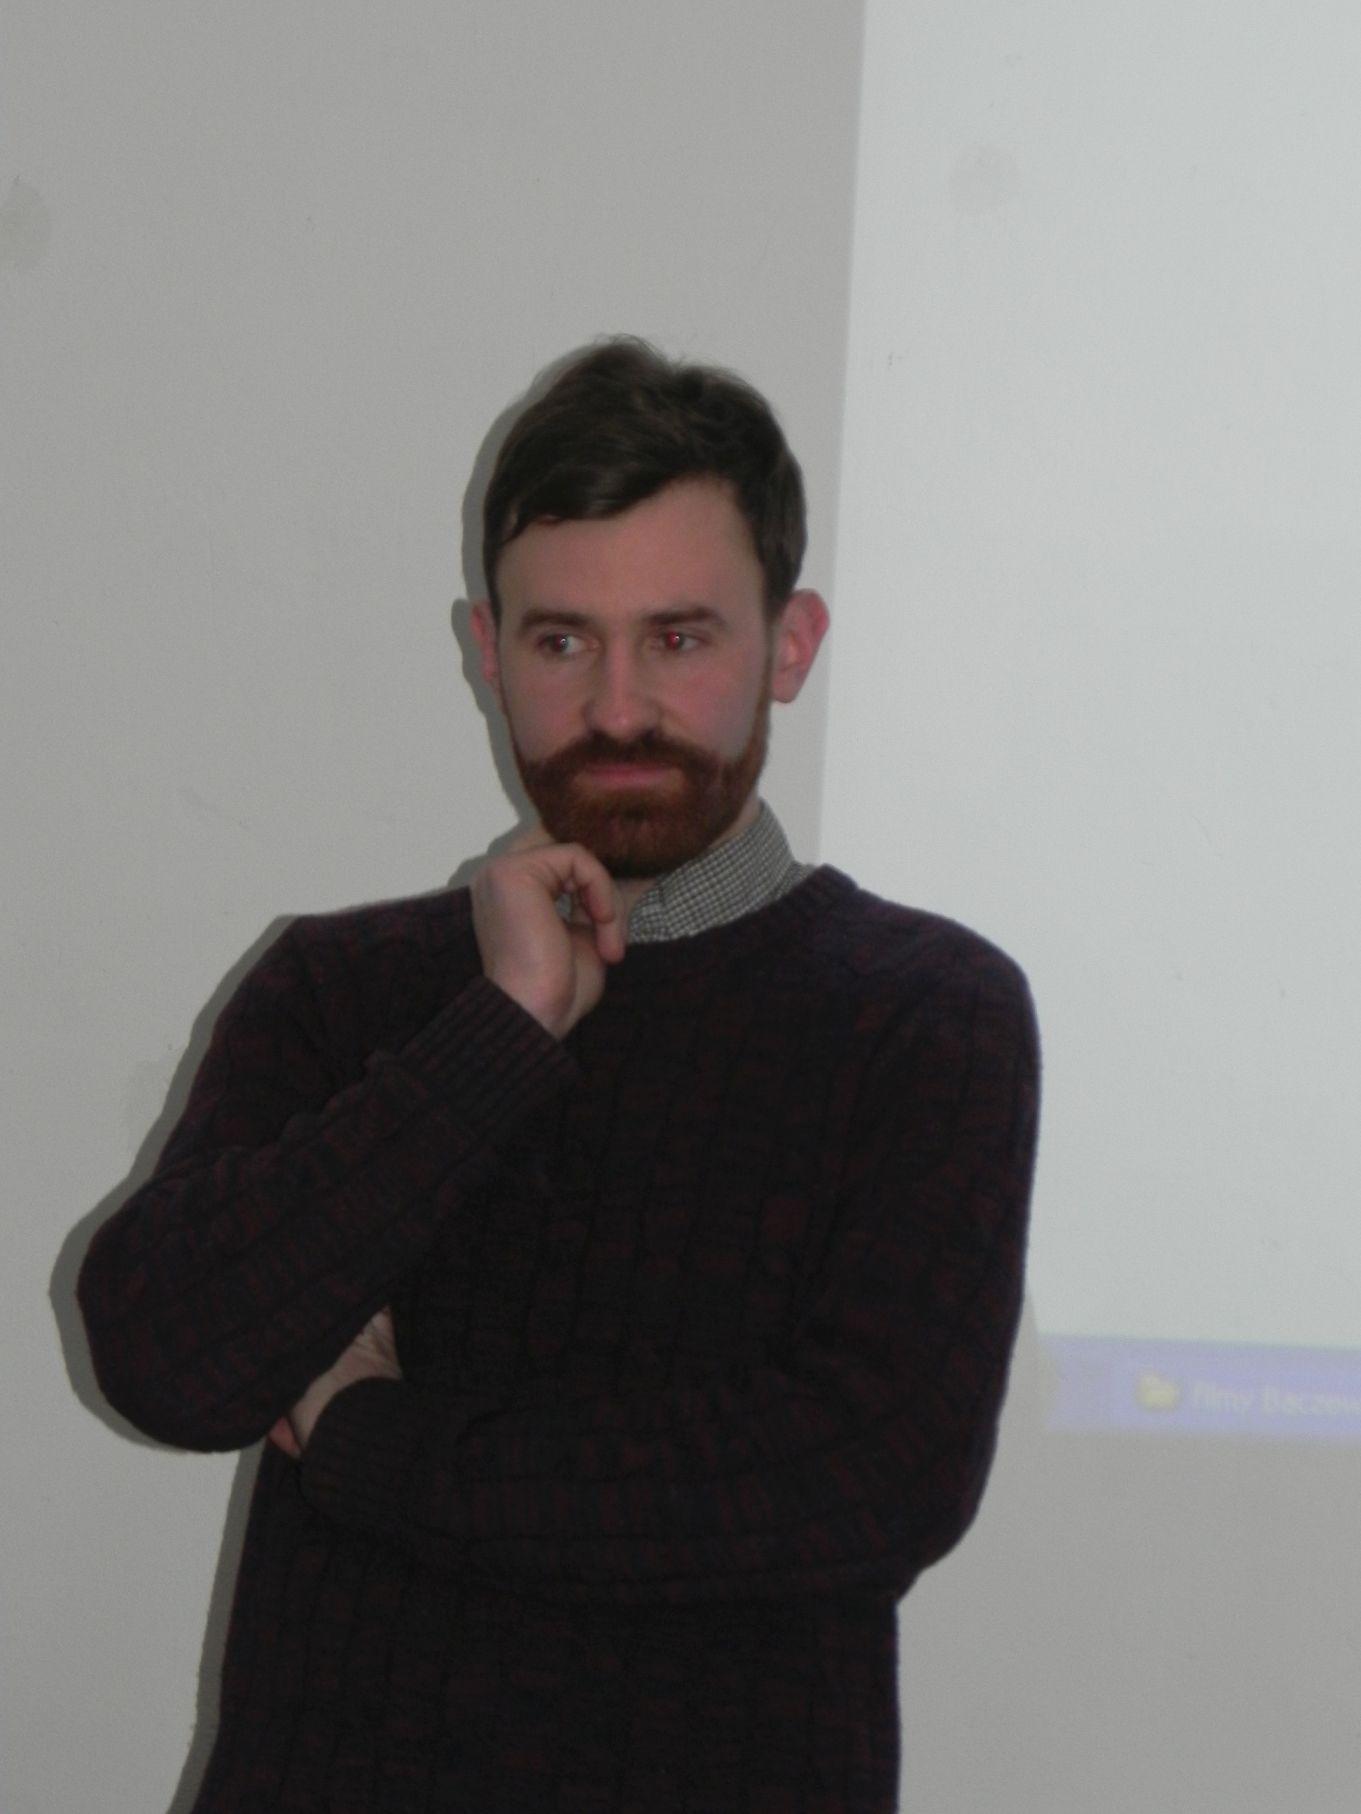 2018-02-09 Przysucha - Jan Kmita (2)